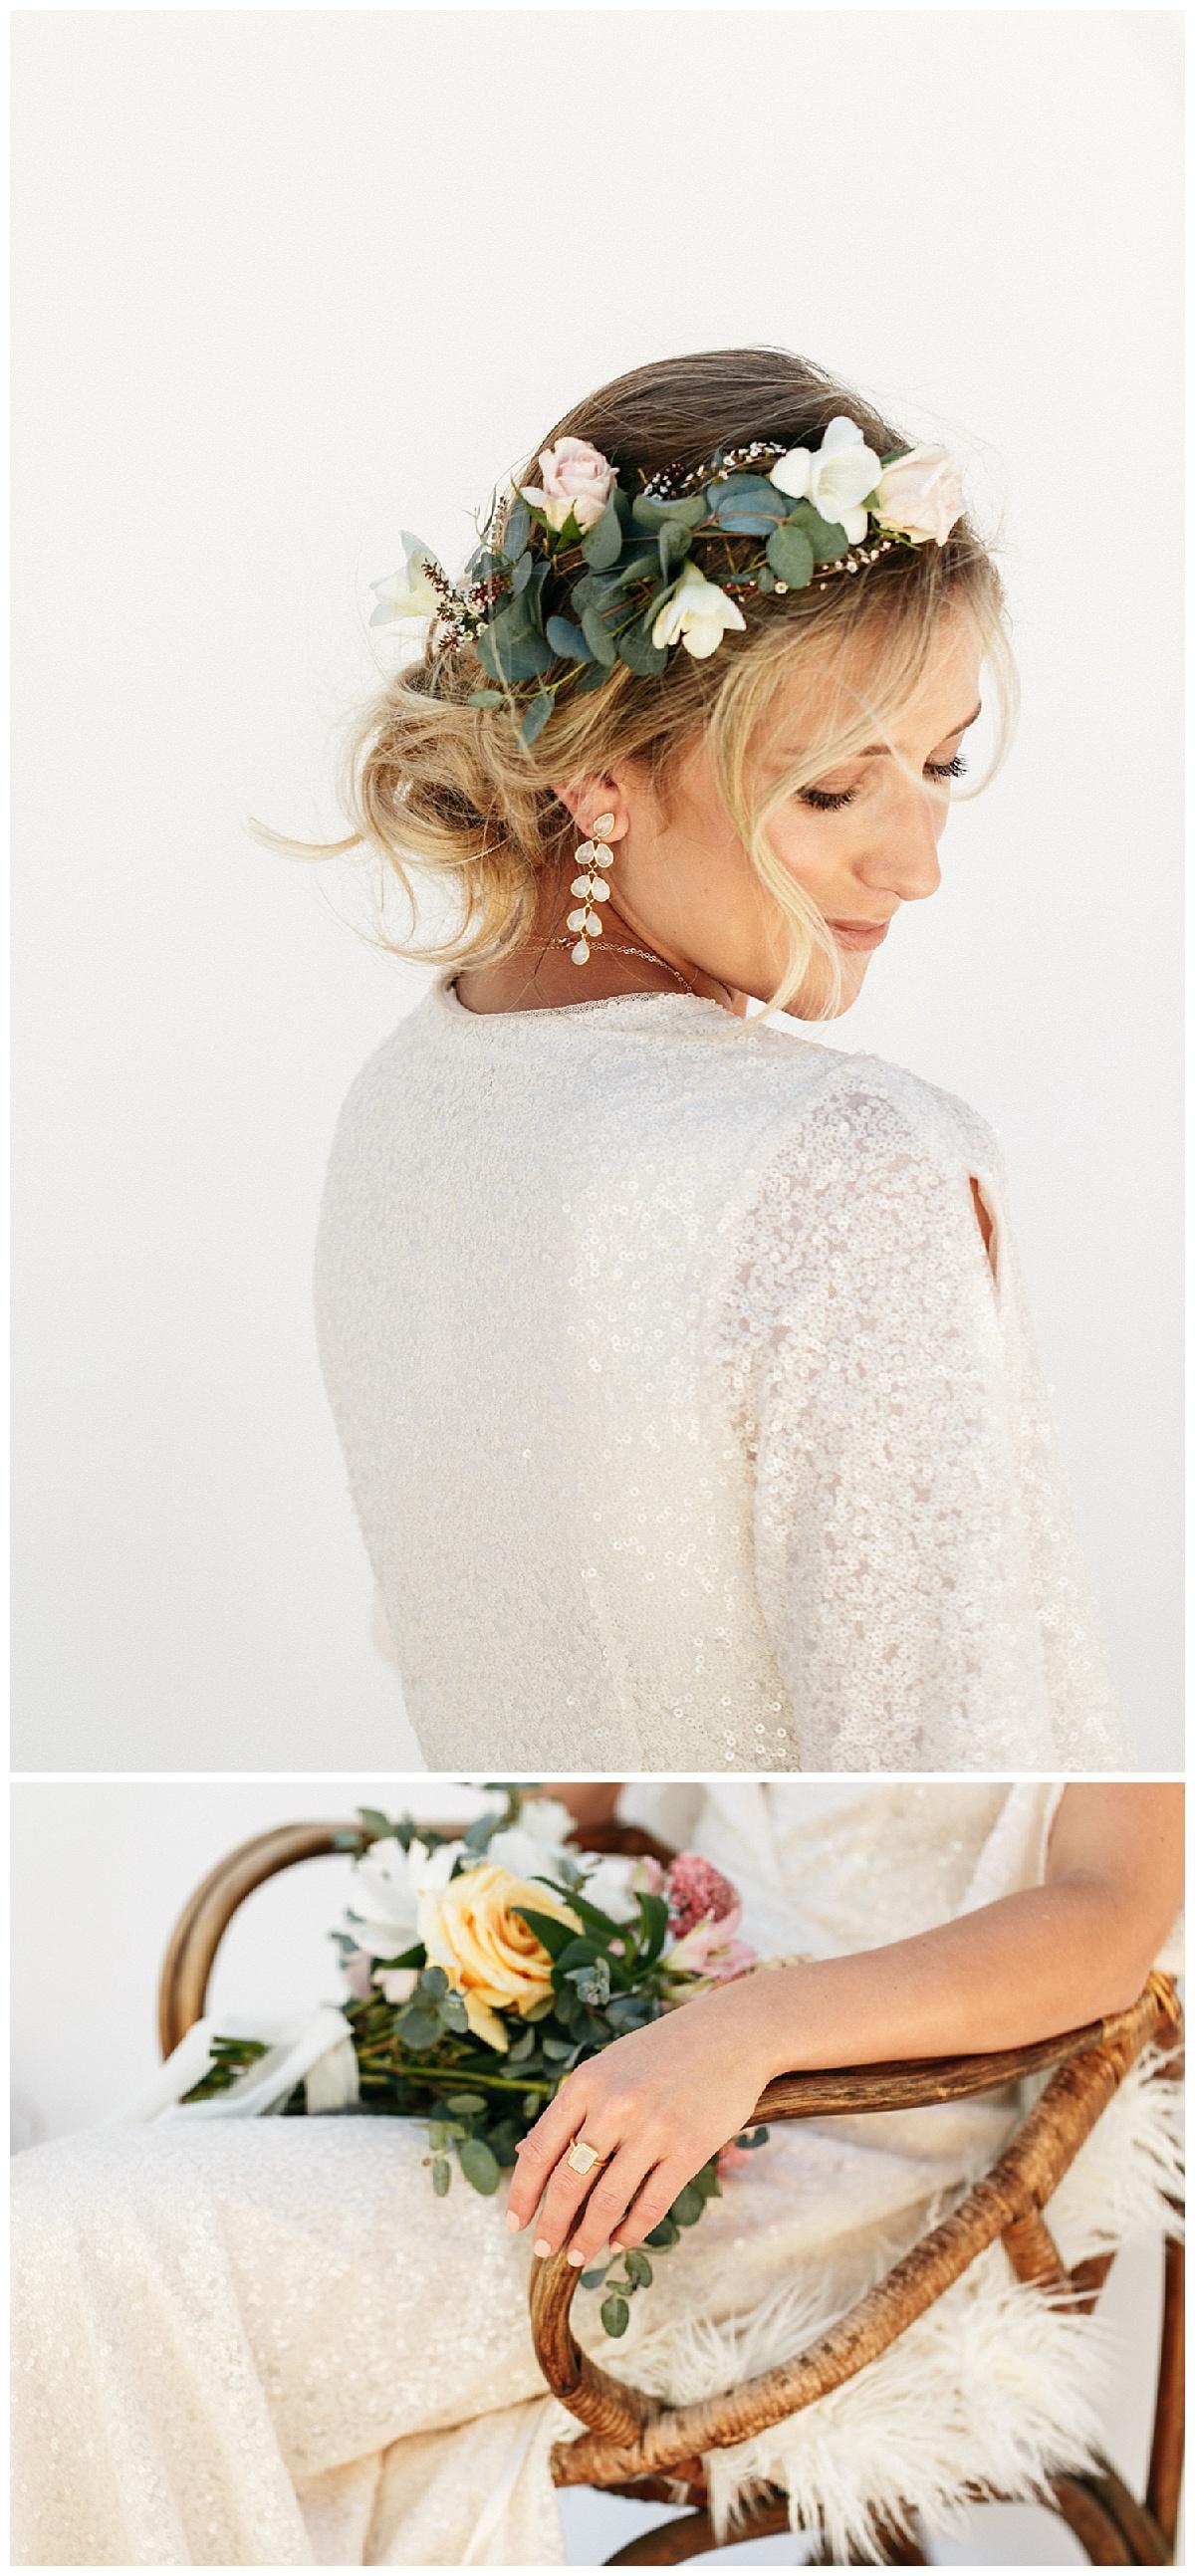 SamErica Studios - modern wedding dress - minimalist wedding jewelry - sparkly wedding dress